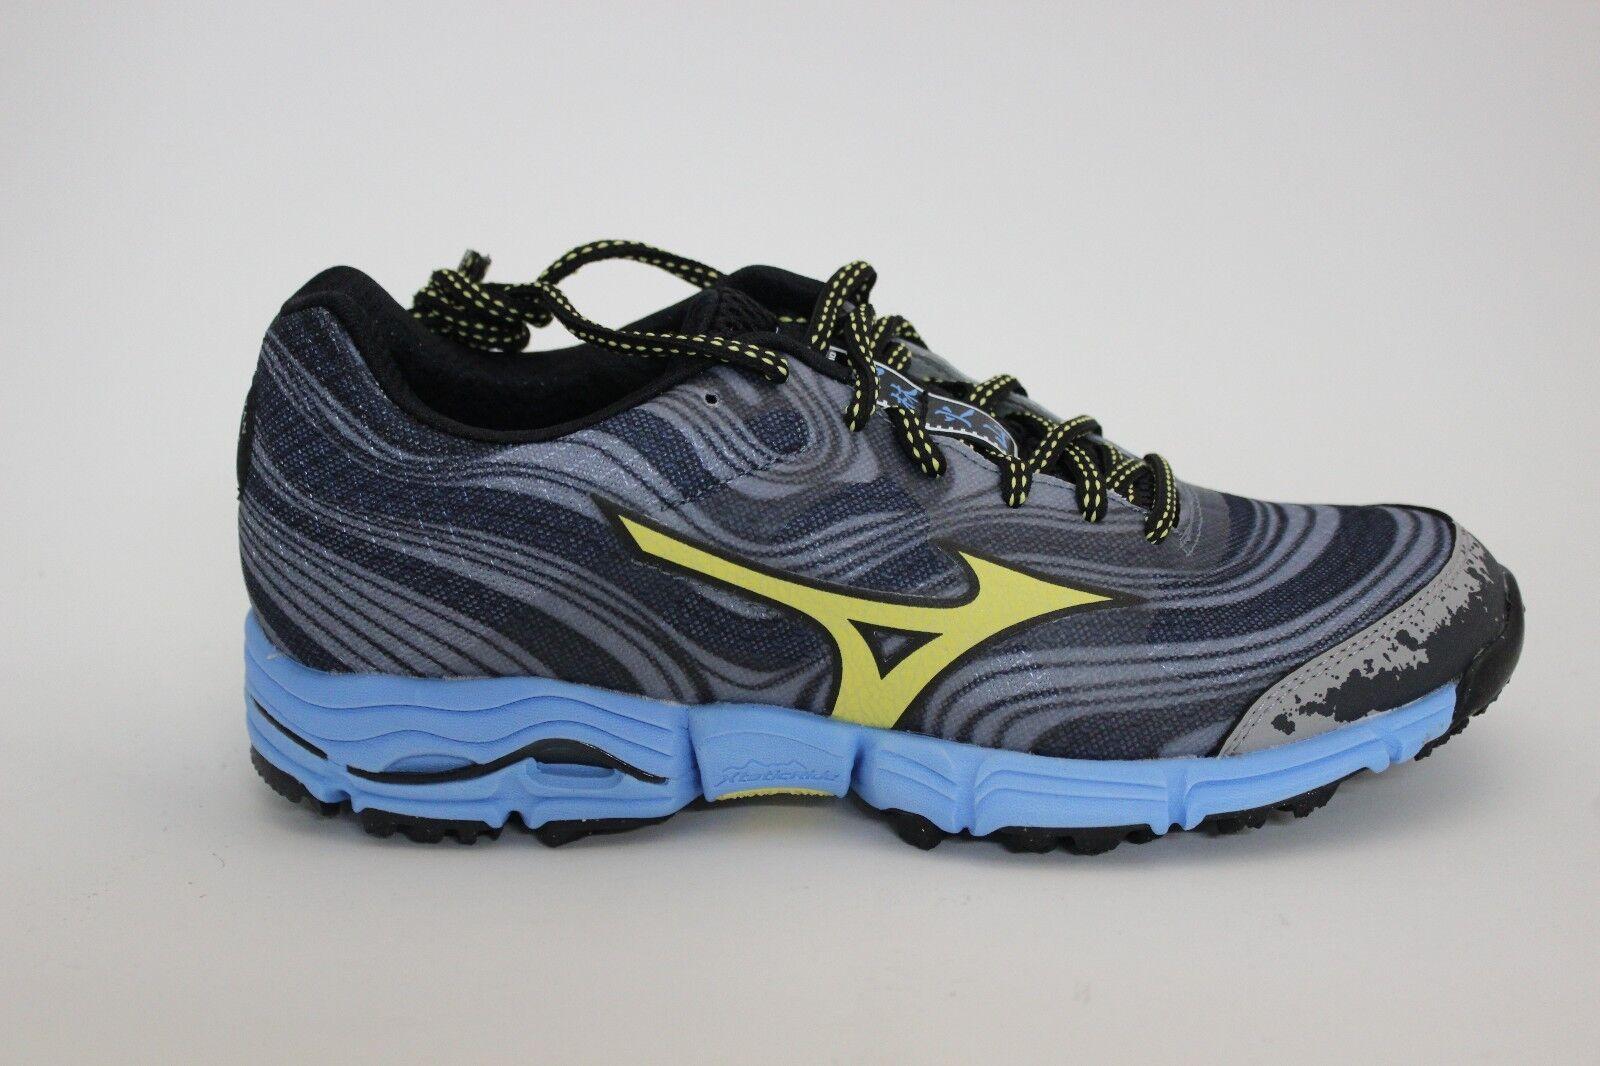 Para Mujer  Zapatillas Corriendo Mizuno Wave Kazan gris Amarillo Azul 410617.9931 Nuevo     envío gratis